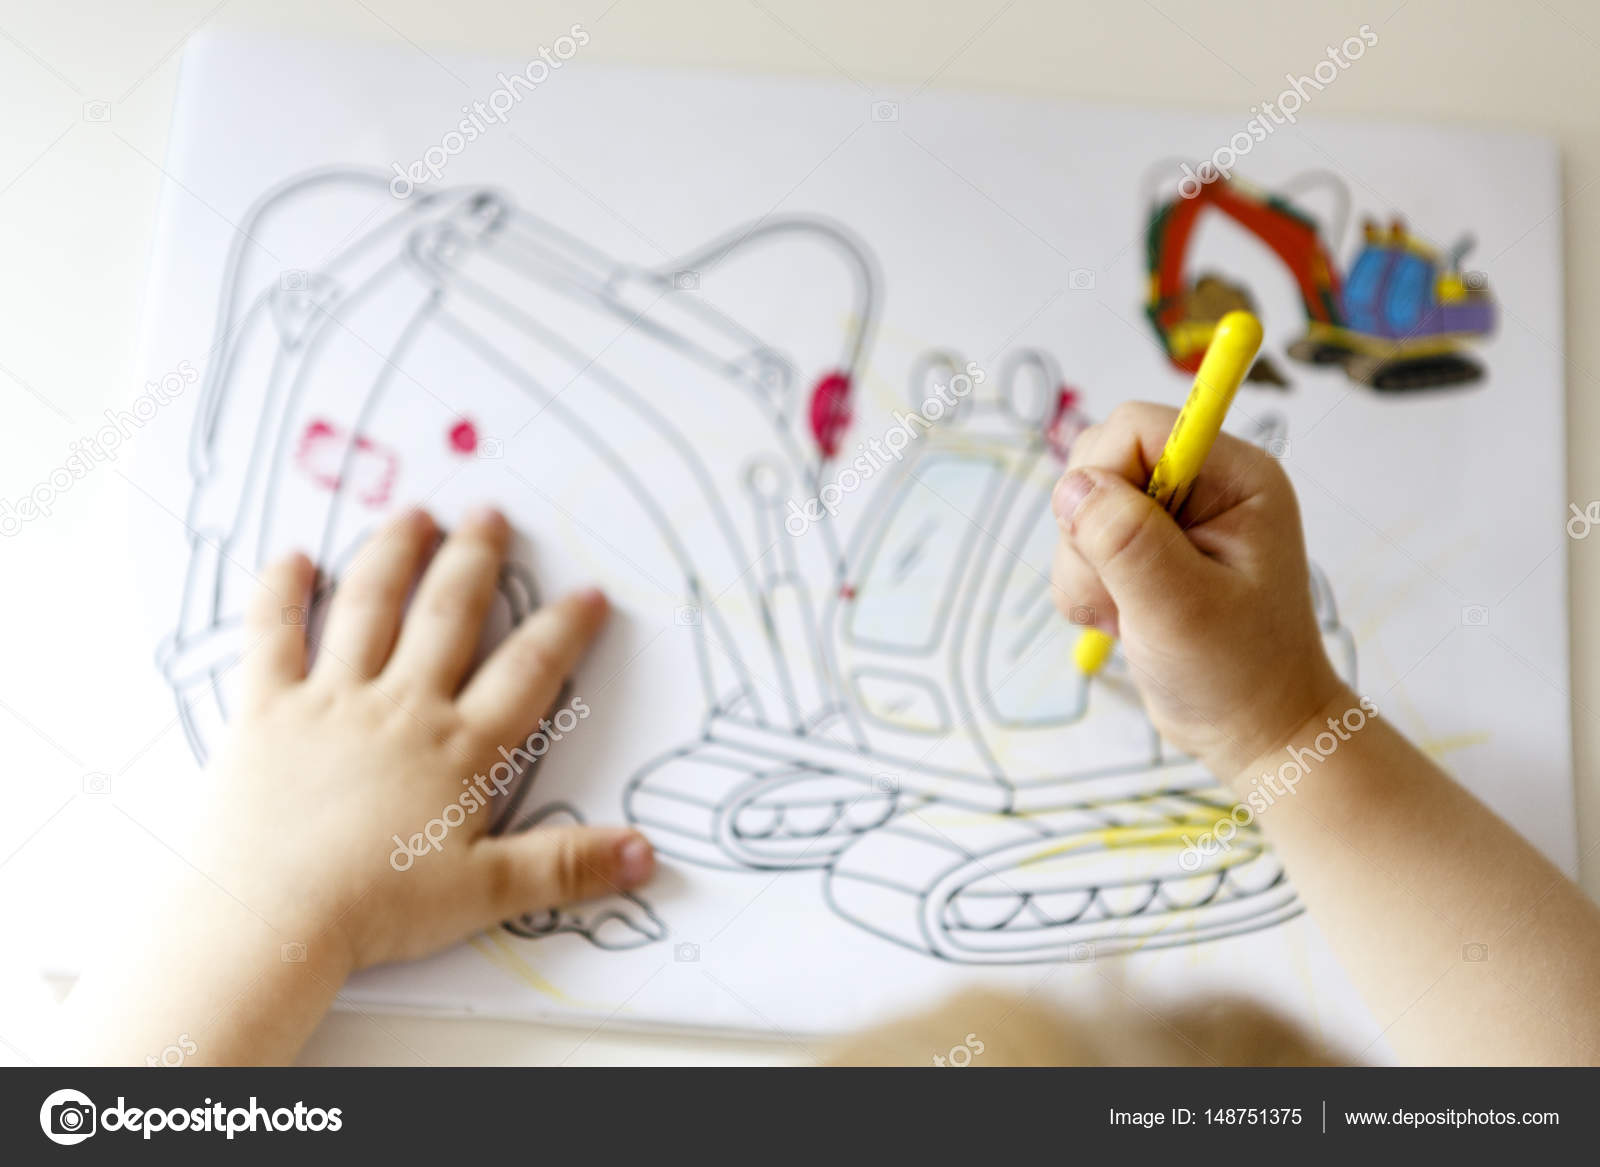 Genç çocuk çizme Içine Boyama Kitabı Stok Foto Jarin13 148751375